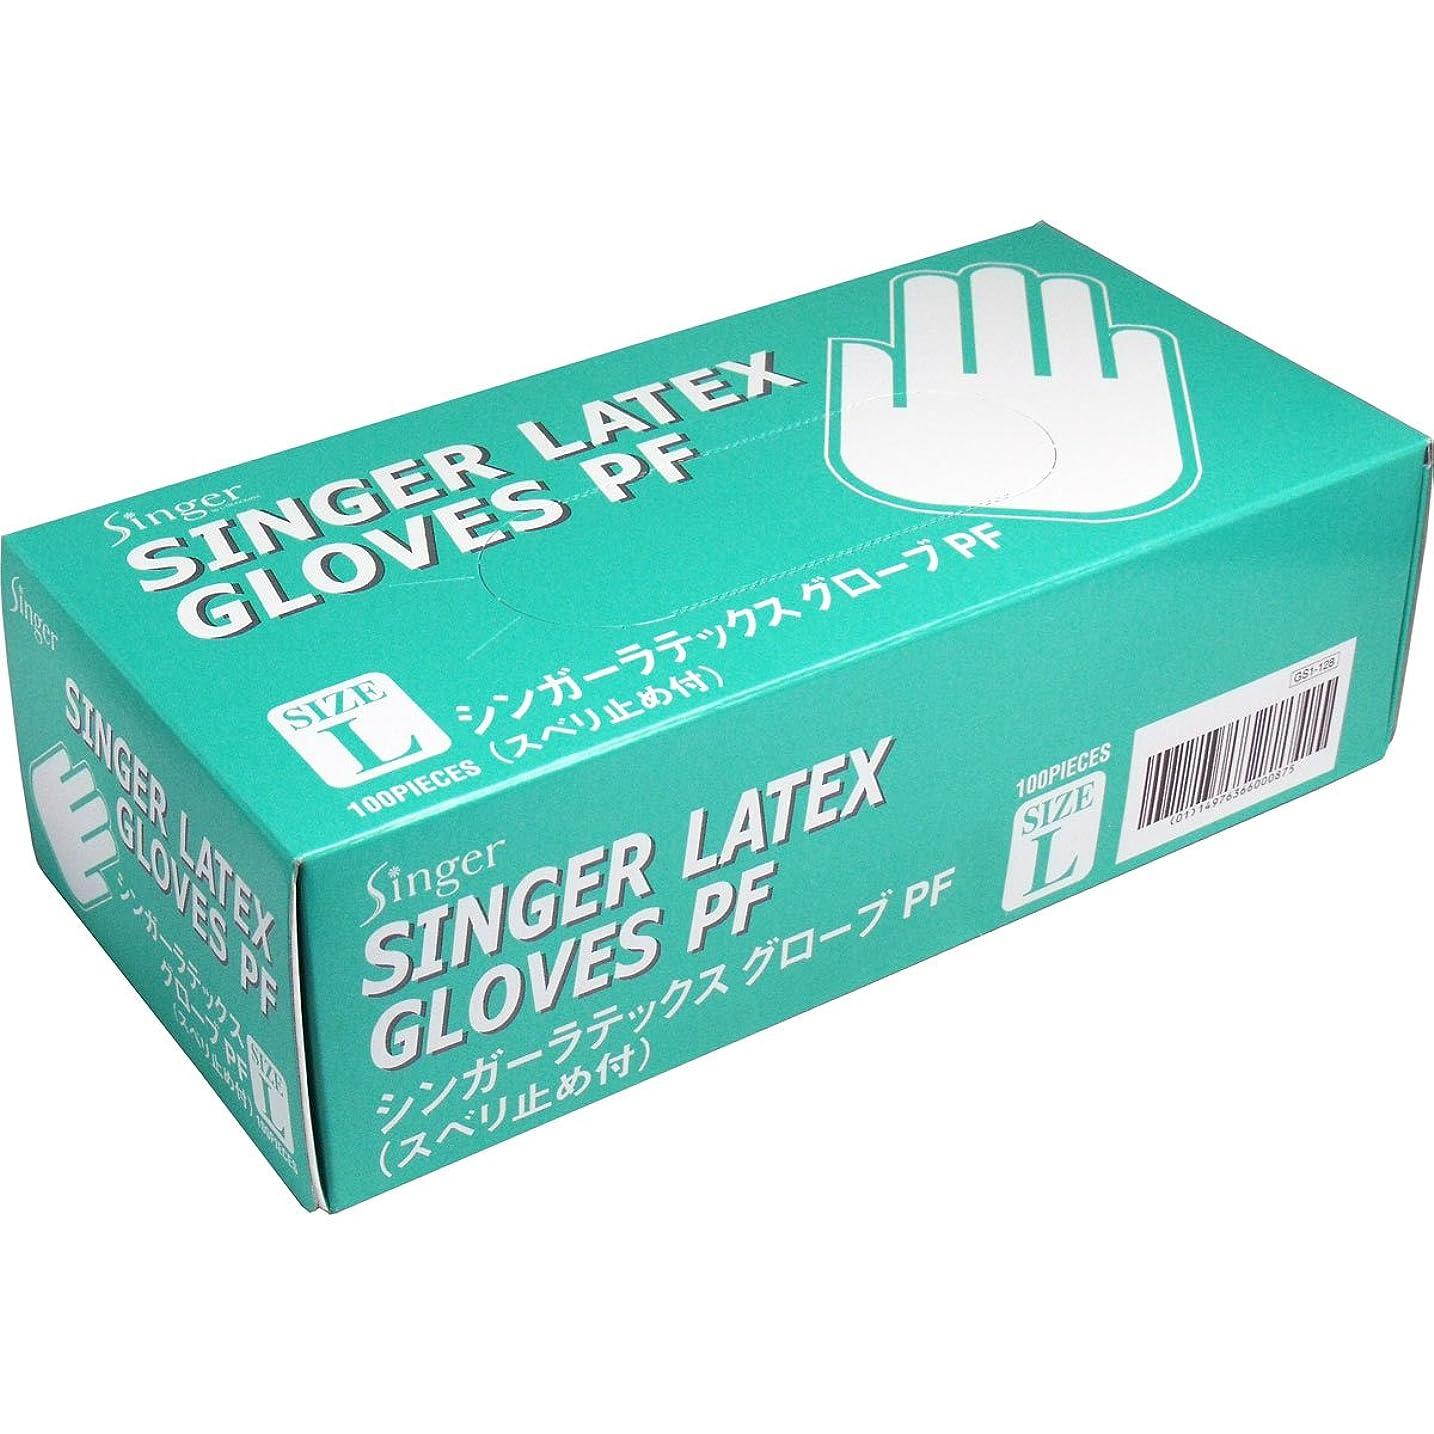 殺人者苦うまれたパウダーフリー手袋 素手感覚で使える 使いやすい シンガーラテックスグローブ パウダーフリー スベリ止め付 Lサイズ 100枚入